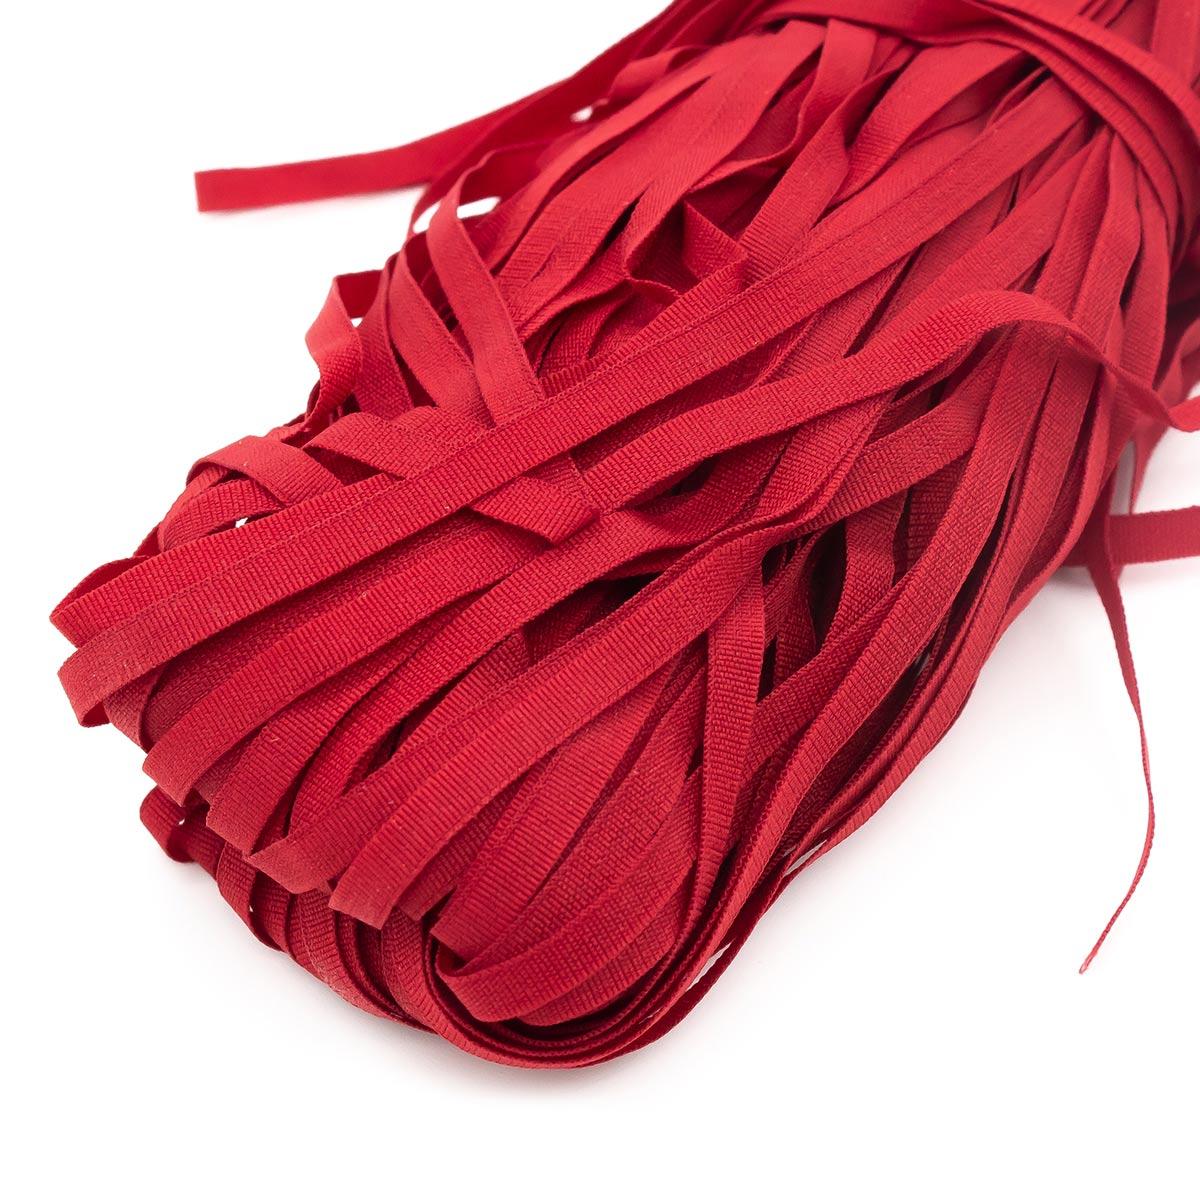 STP/02 эластичная лента для стабилизации швов 4мм*50м, бордовый